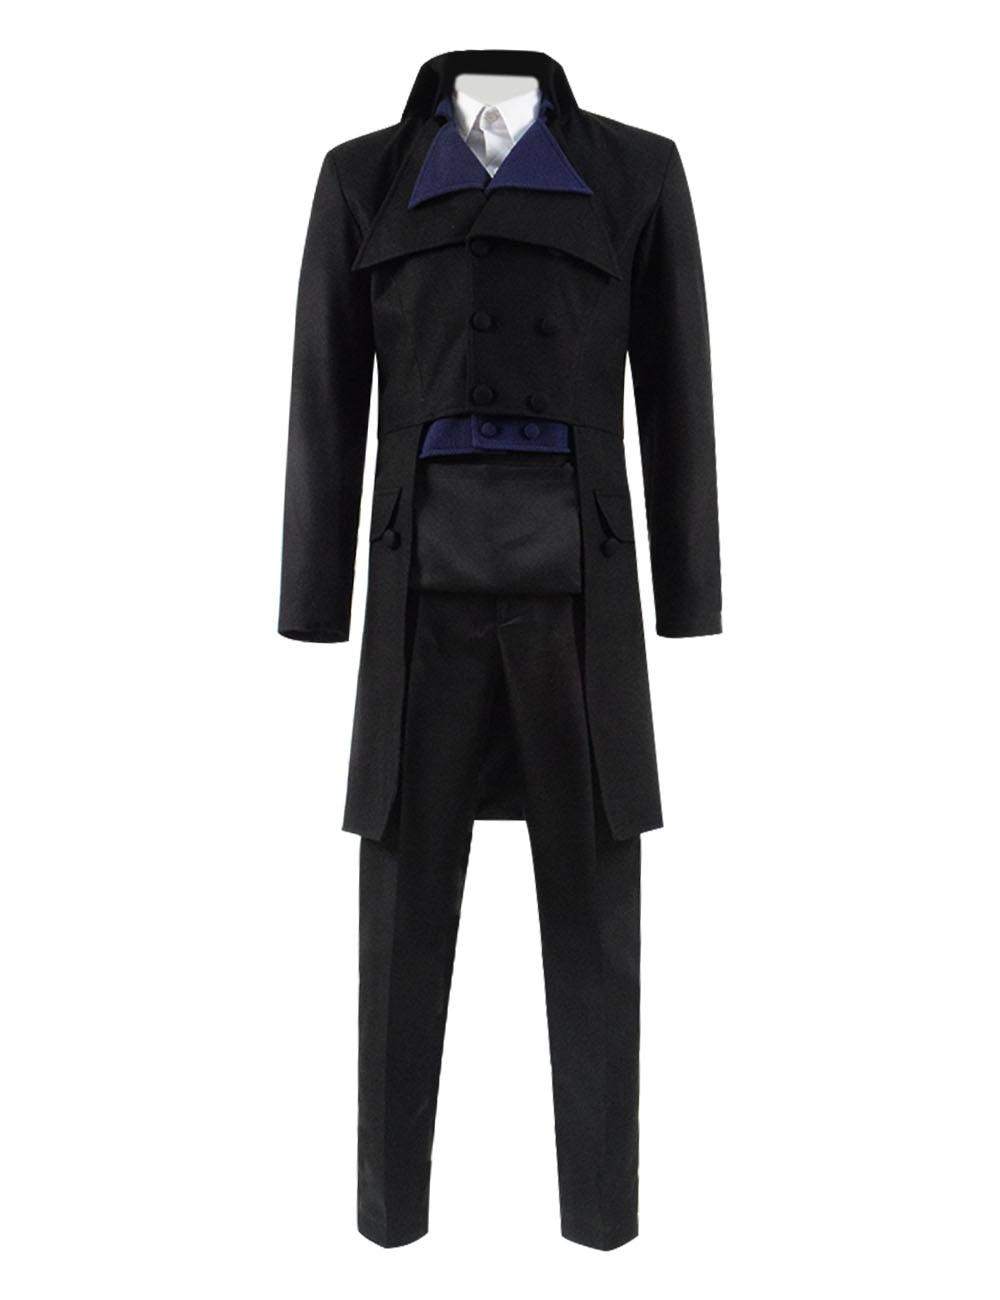 Poldark Cosplay Costume Ross Poldark Suit Jacket Tuxedo Full Set Men's Party Show Dinner Suit Elegant Appearance